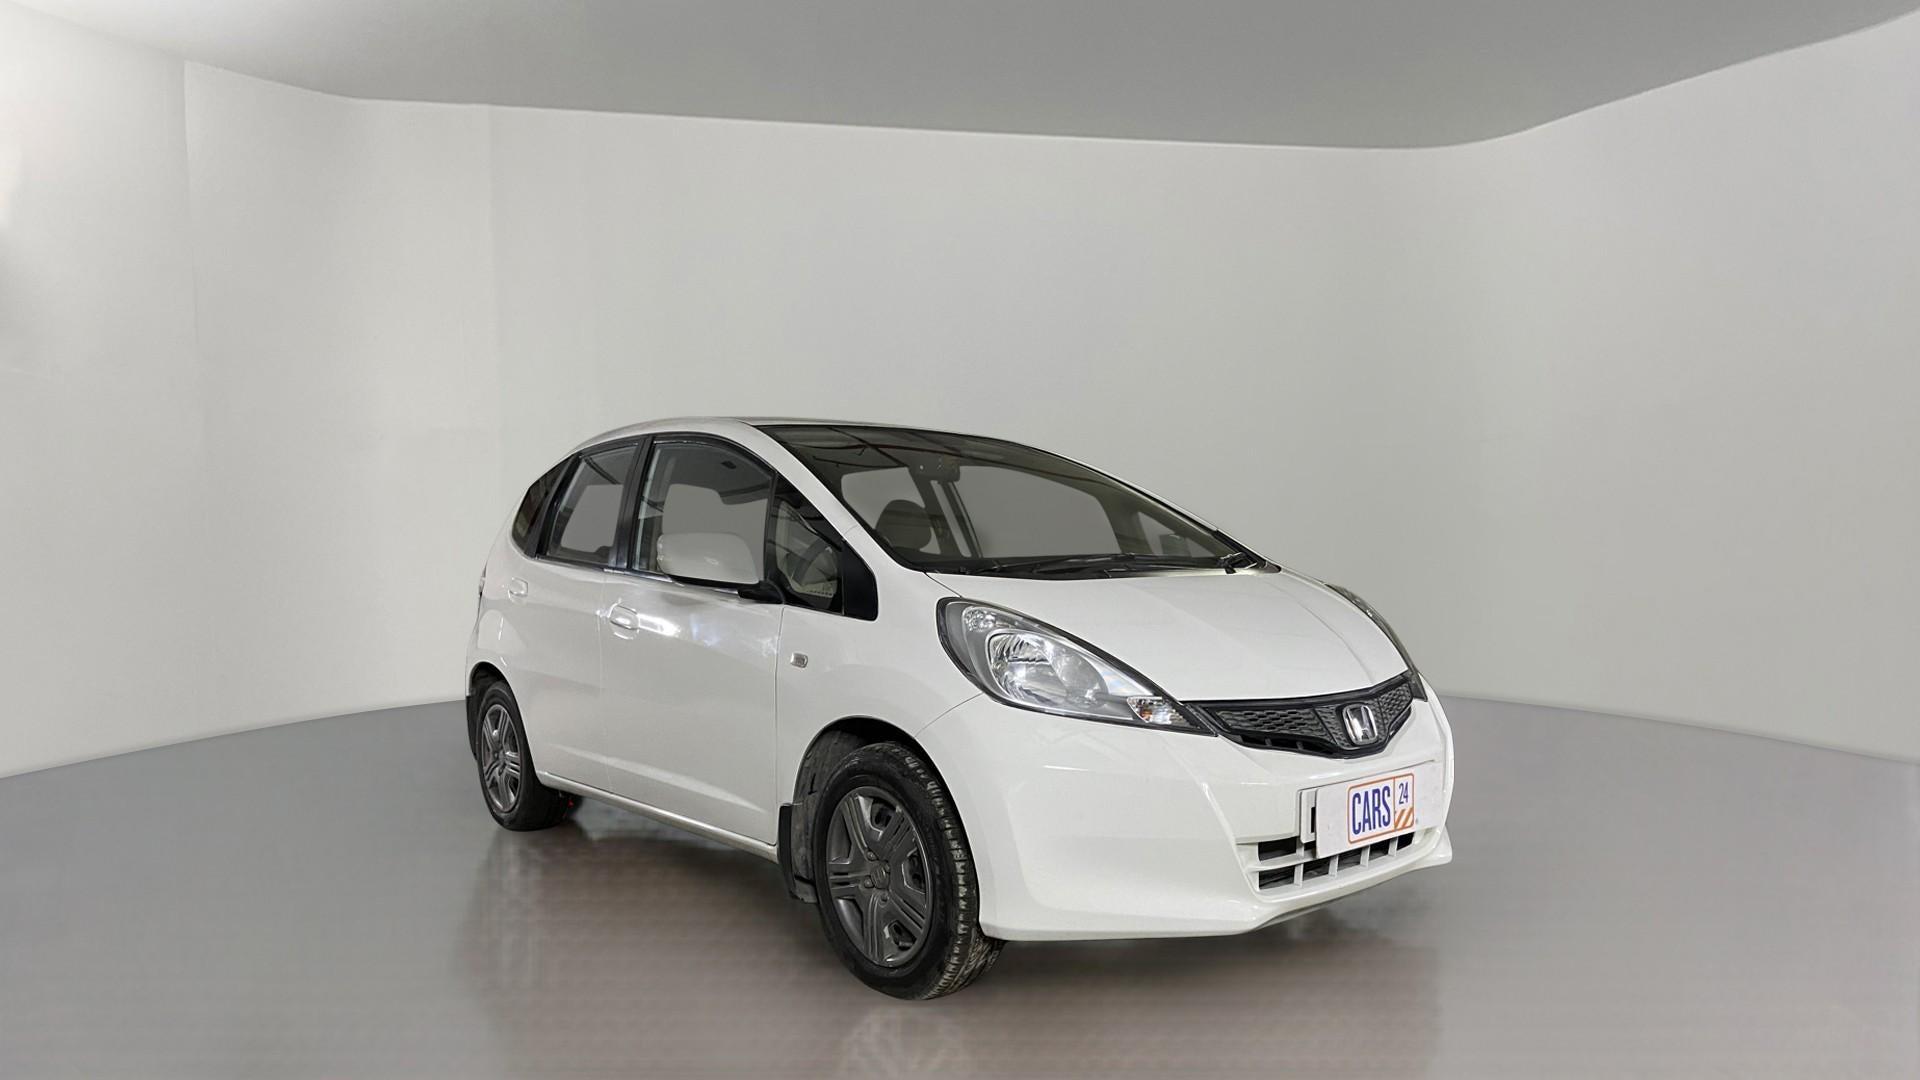 2012 Honda Jazz 1.2 BASE I VTEC